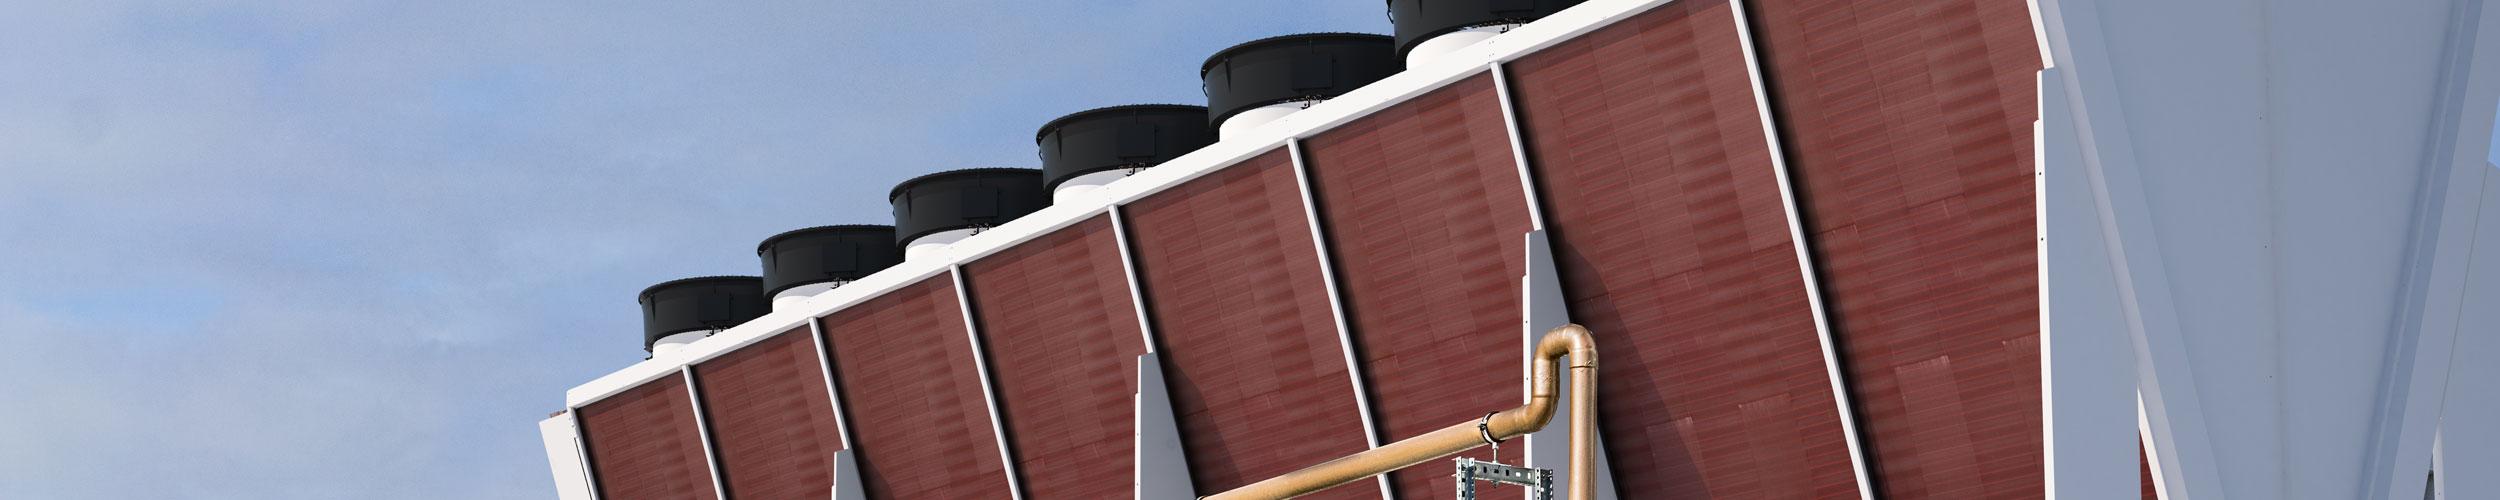 OSTRO, il condensatore a V doppia fila per grandi potenze nella refrigerazione, nel condizionamento e nel processo industriale - STEFANI